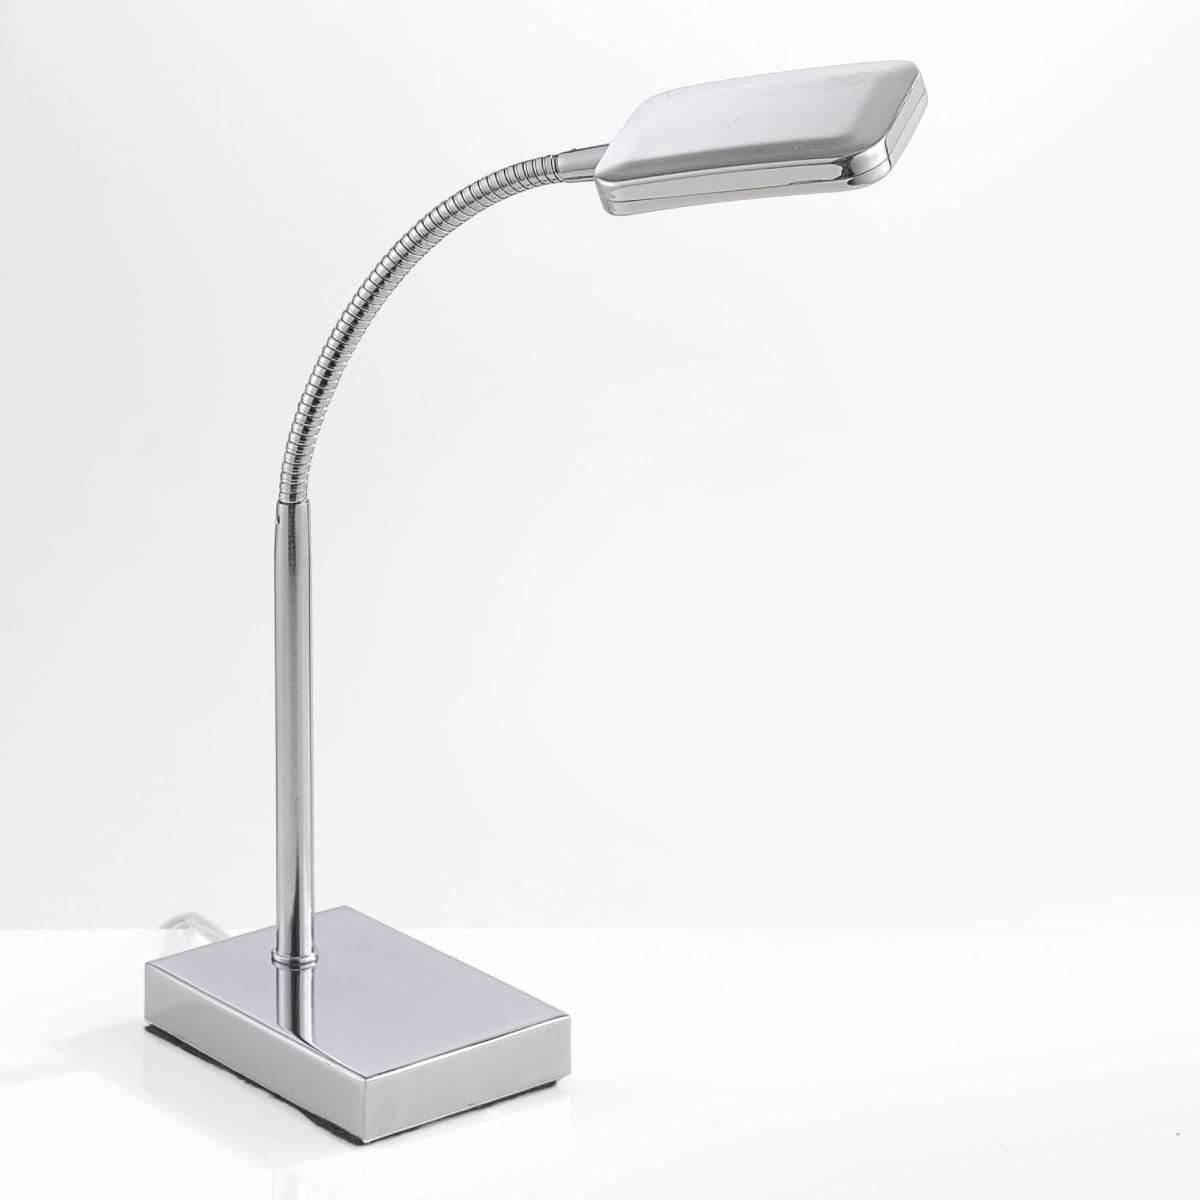 LED-Tischleuchte in Chrom mit verstellbaren Leuchtkopf inkl. Schnurschalter und warmweißer Lichtfarbe